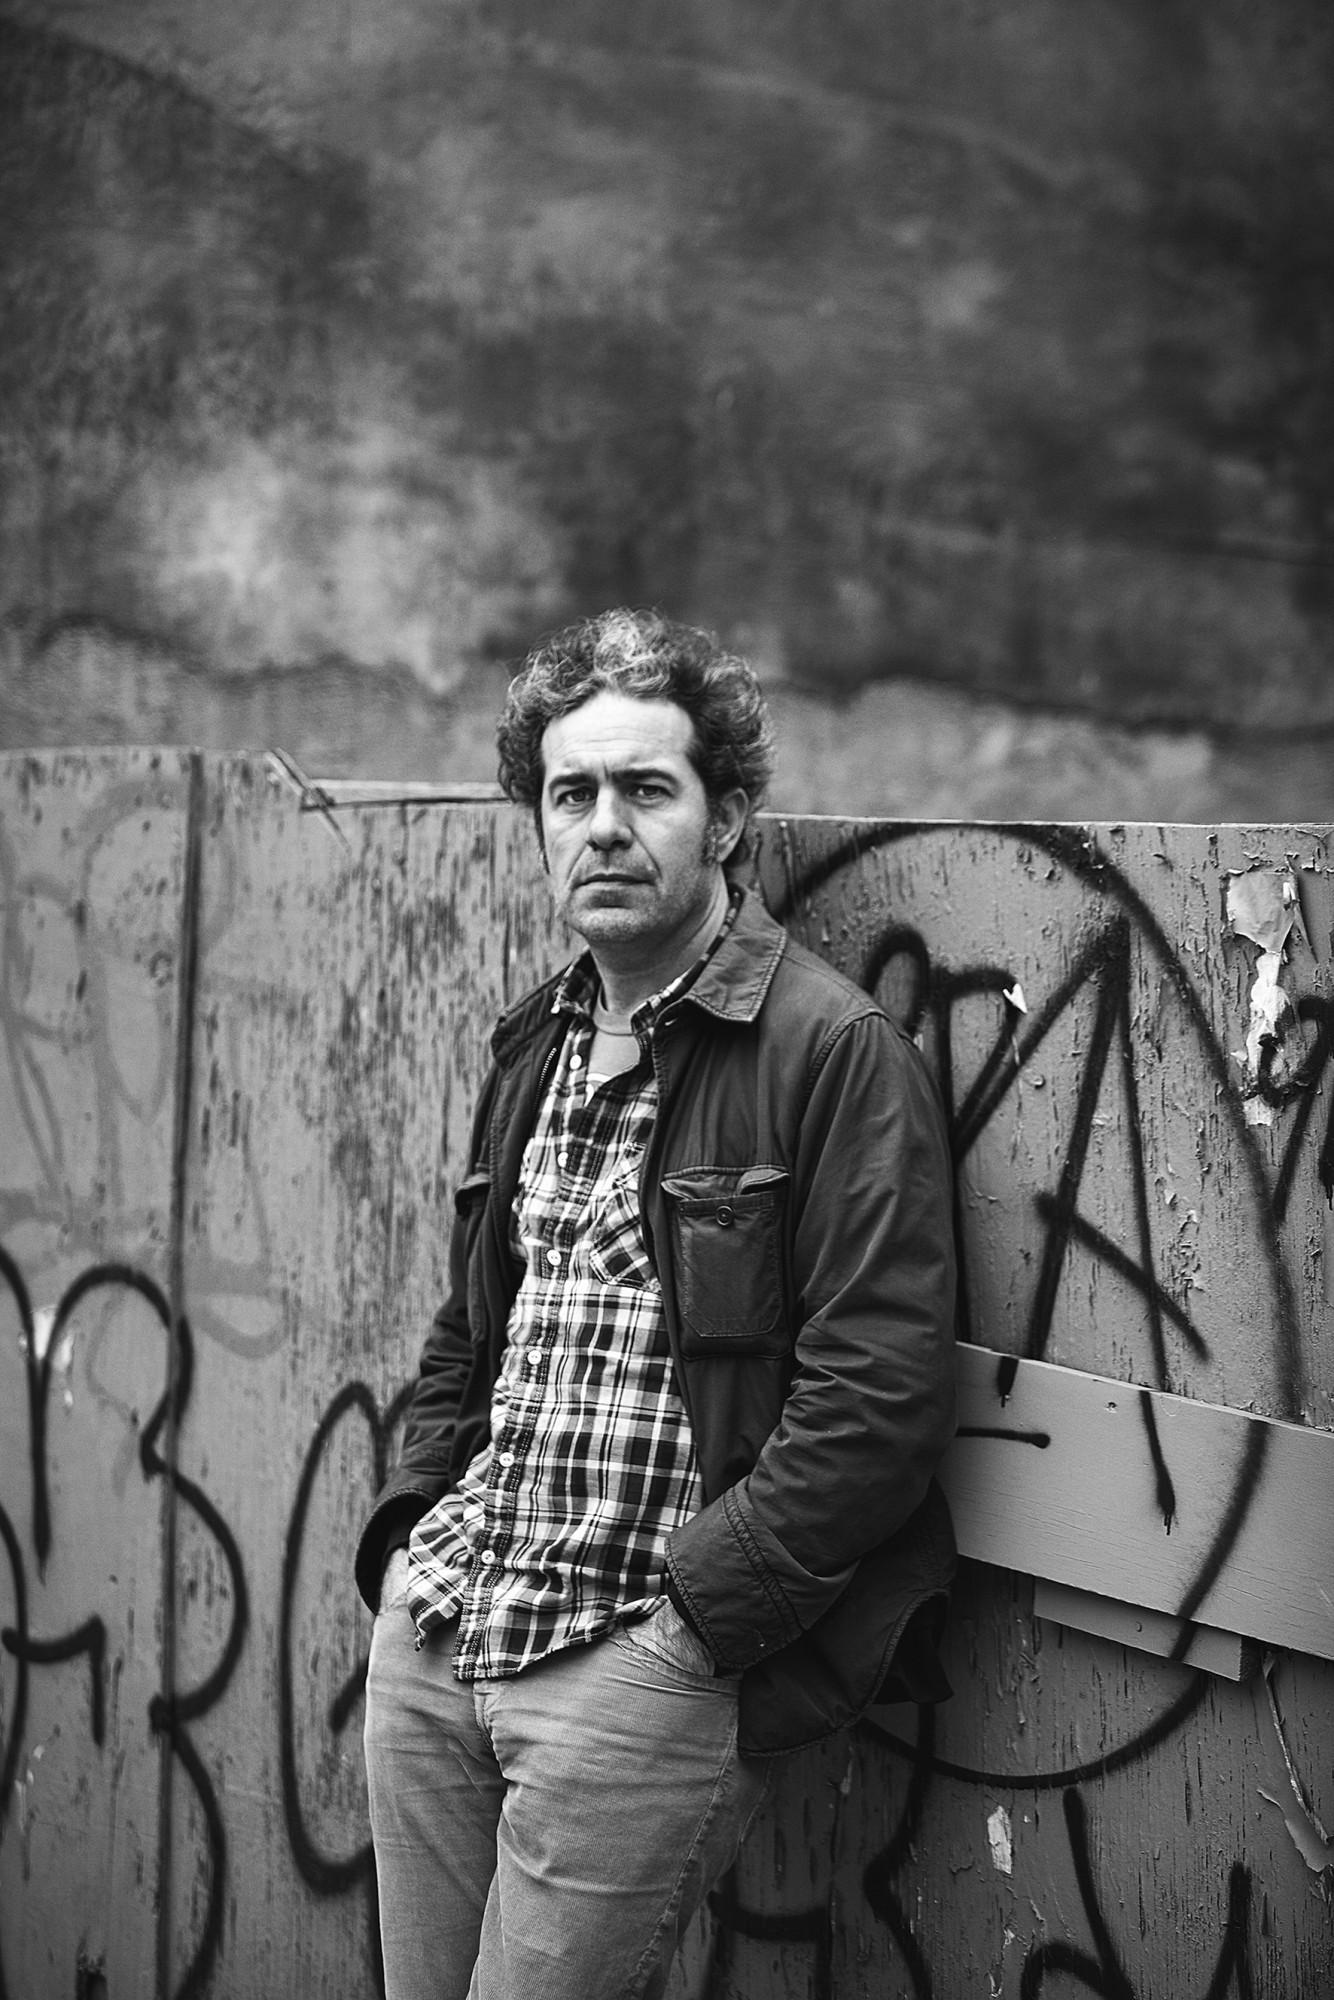 Une histoire de famille - episode 2 - Rencontre avec Benoit Cohen